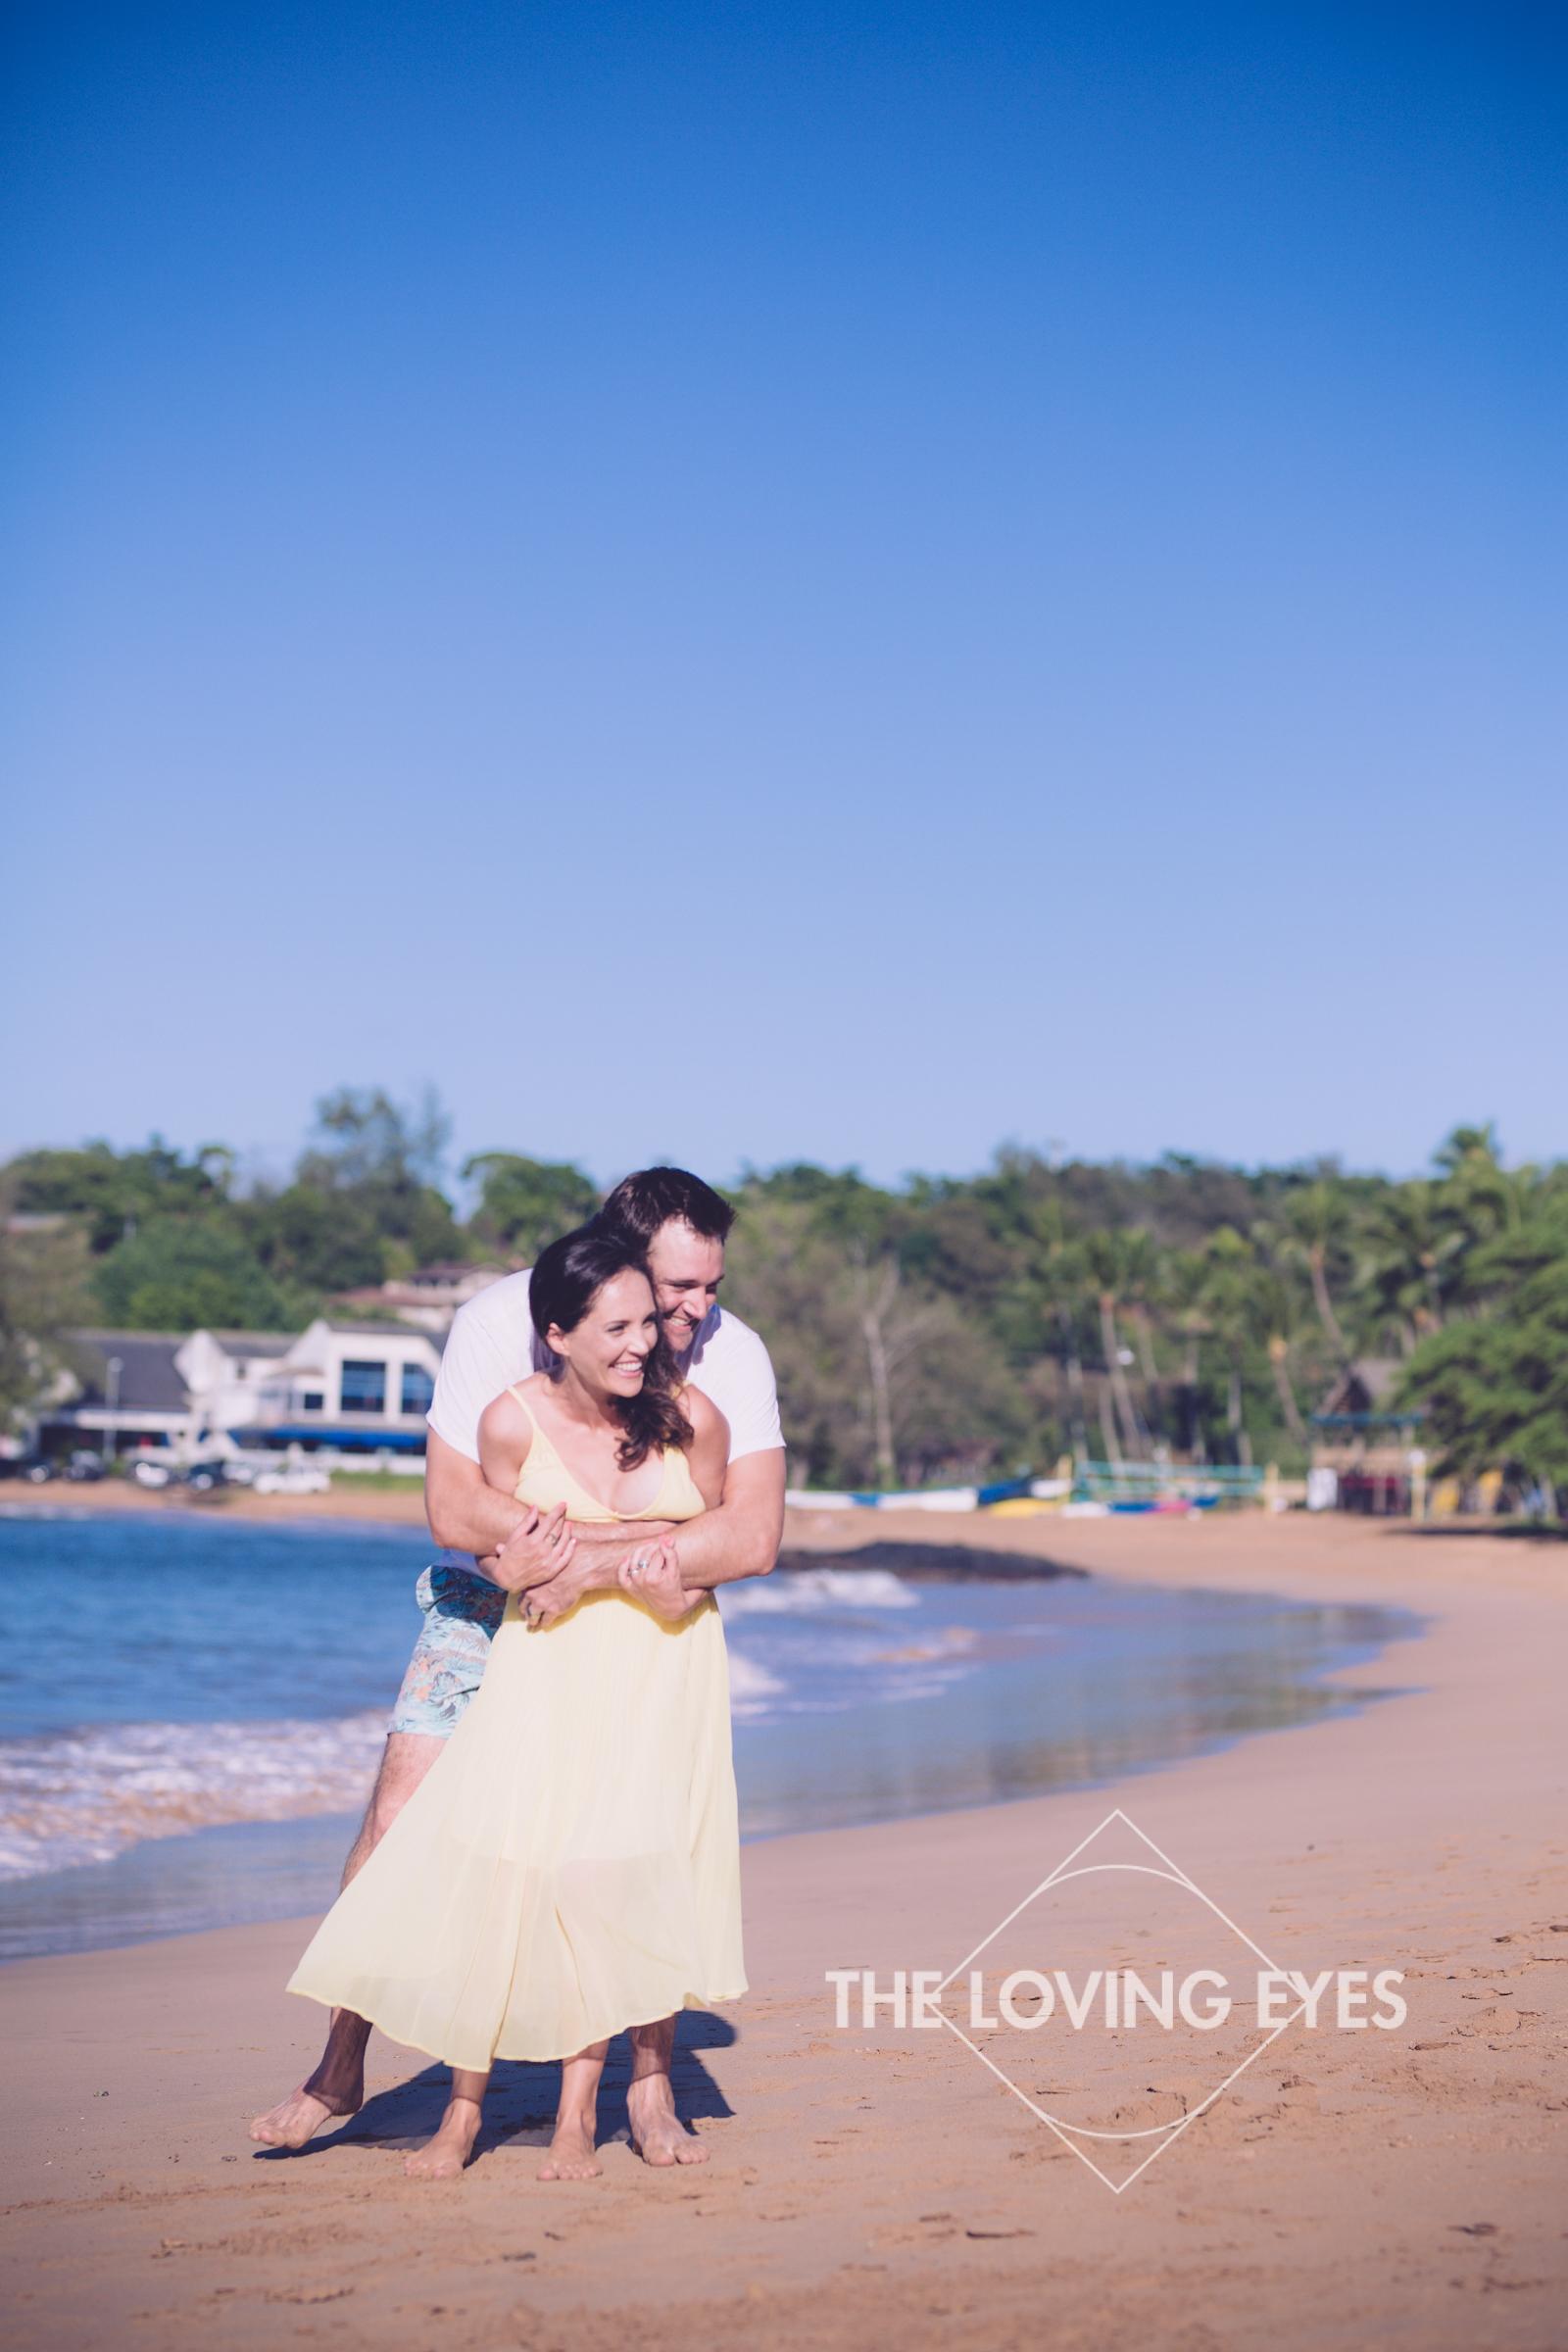 Kauai-Family-Vacation-Beach-Photos-14.jpg